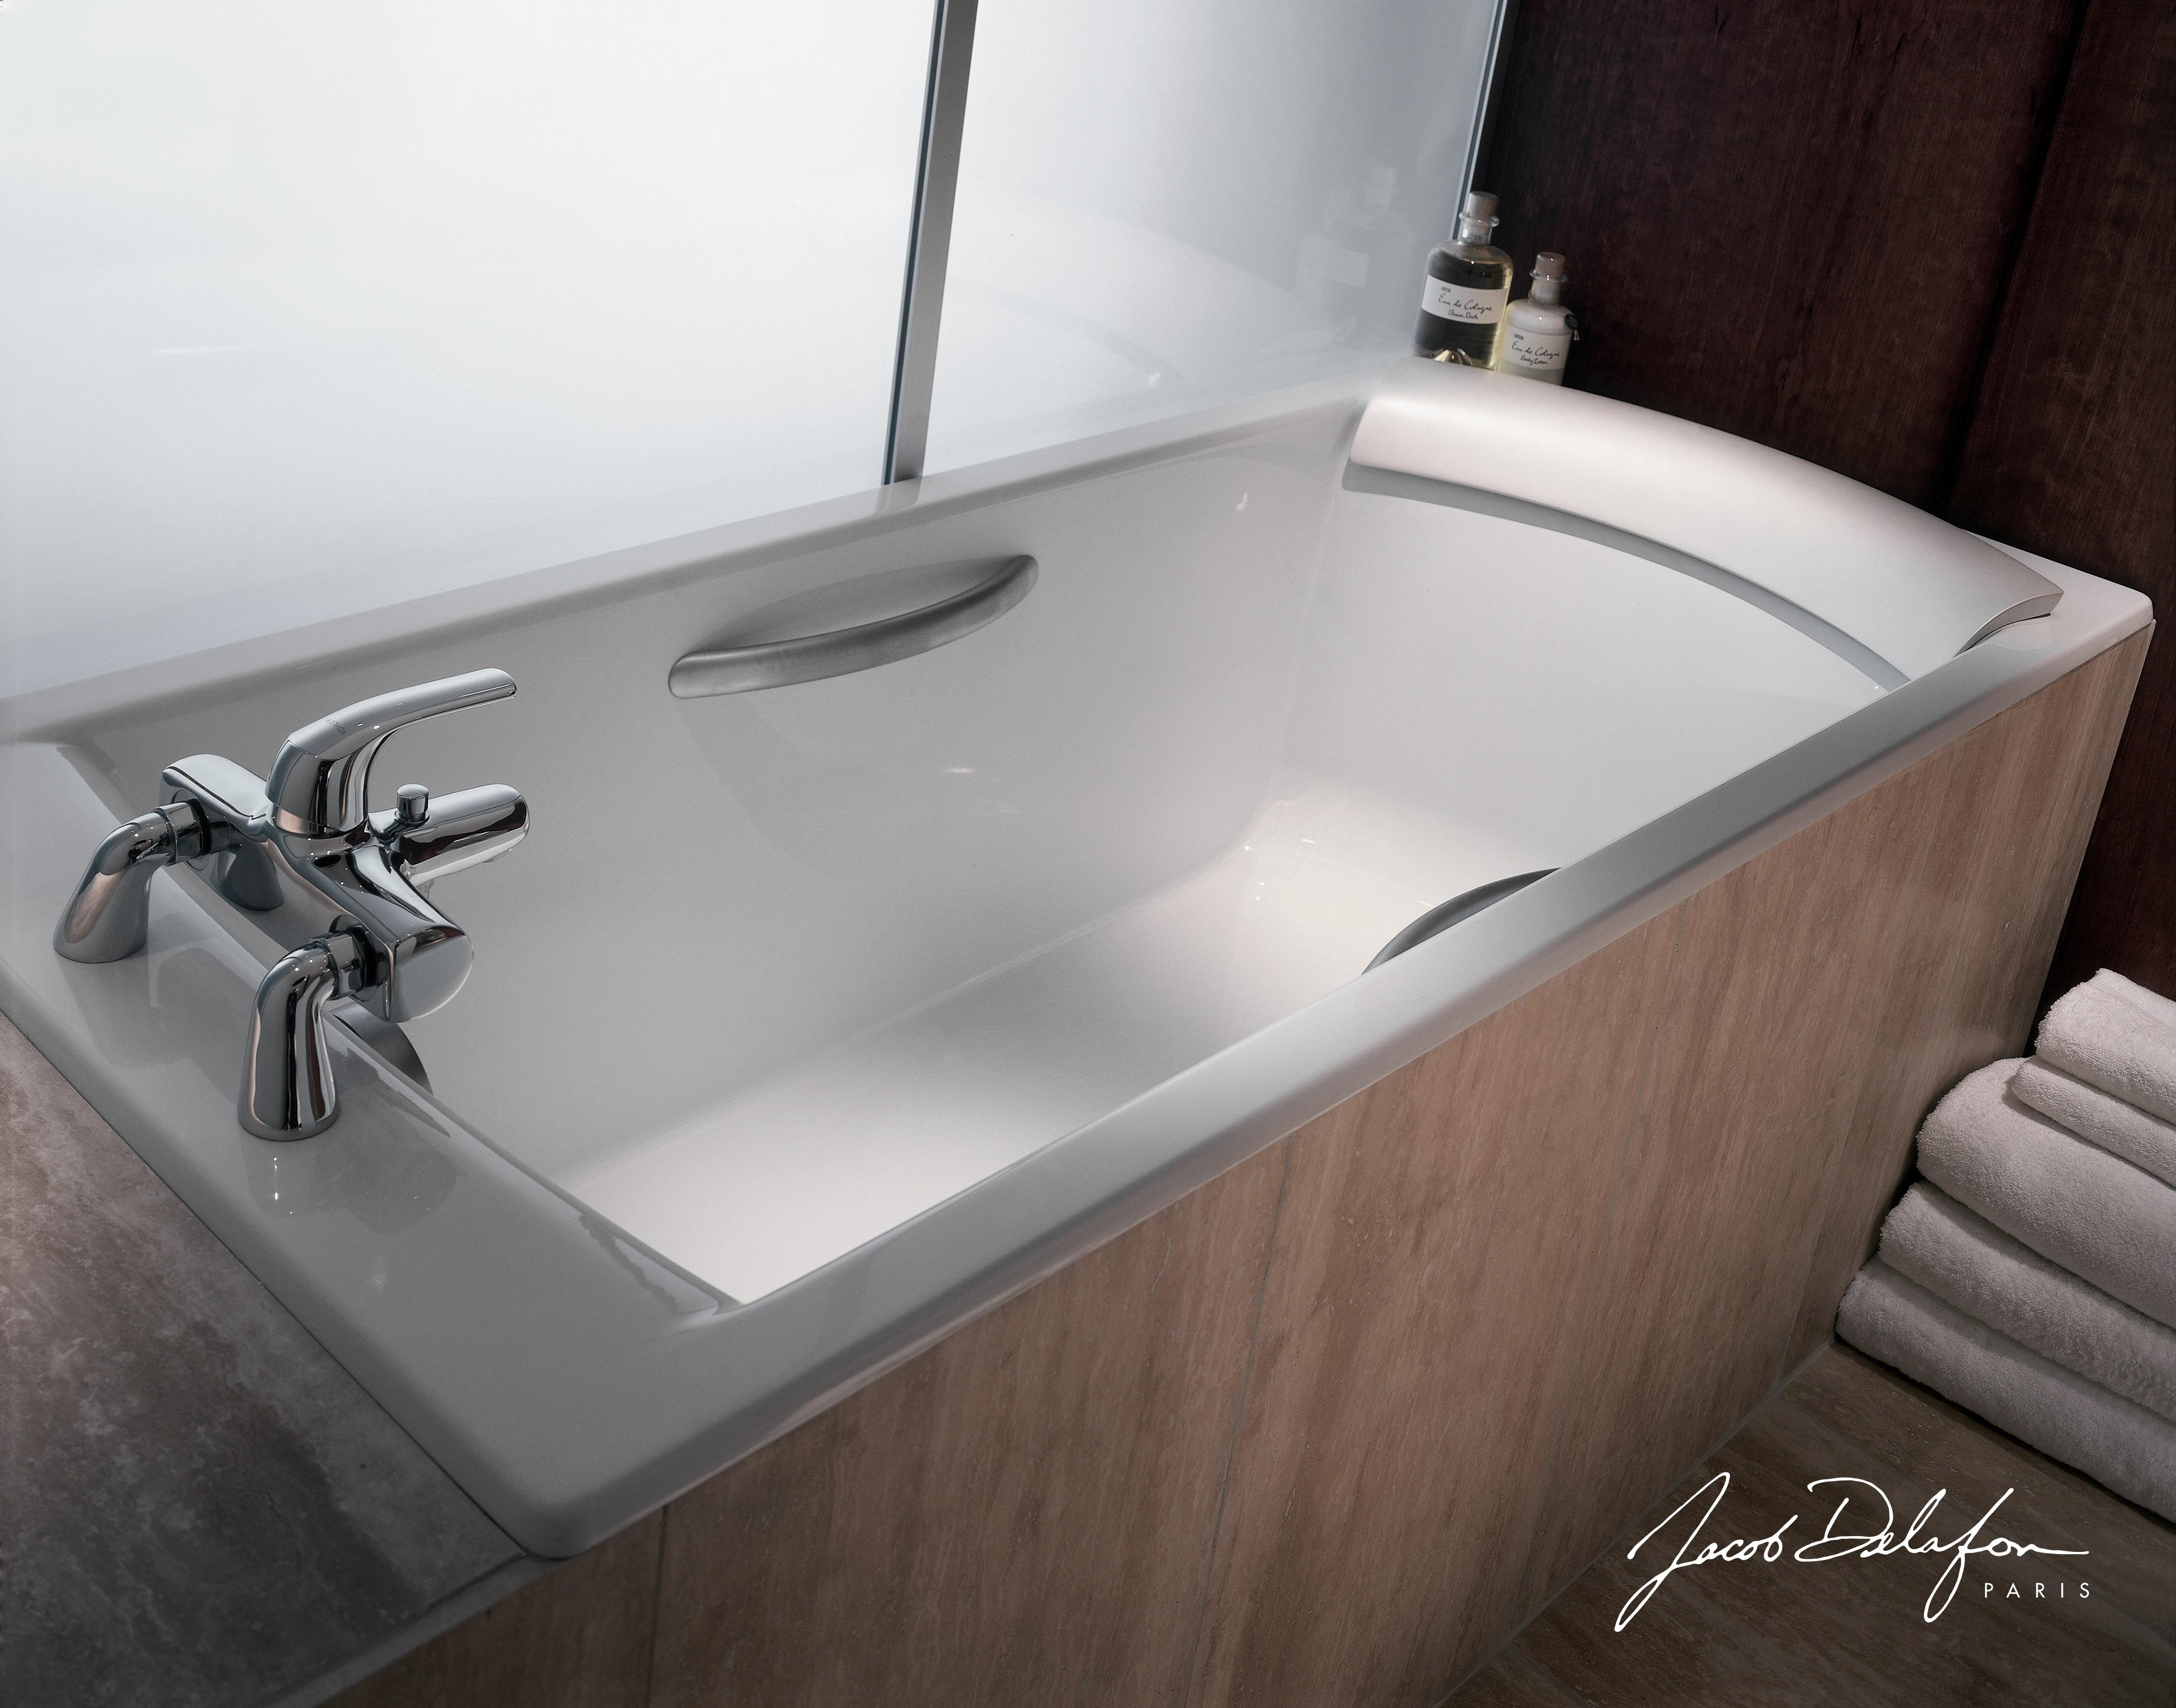 Чугунная ванна Jacob Delafon Biove E2930-00, 170*75 см, без ручек